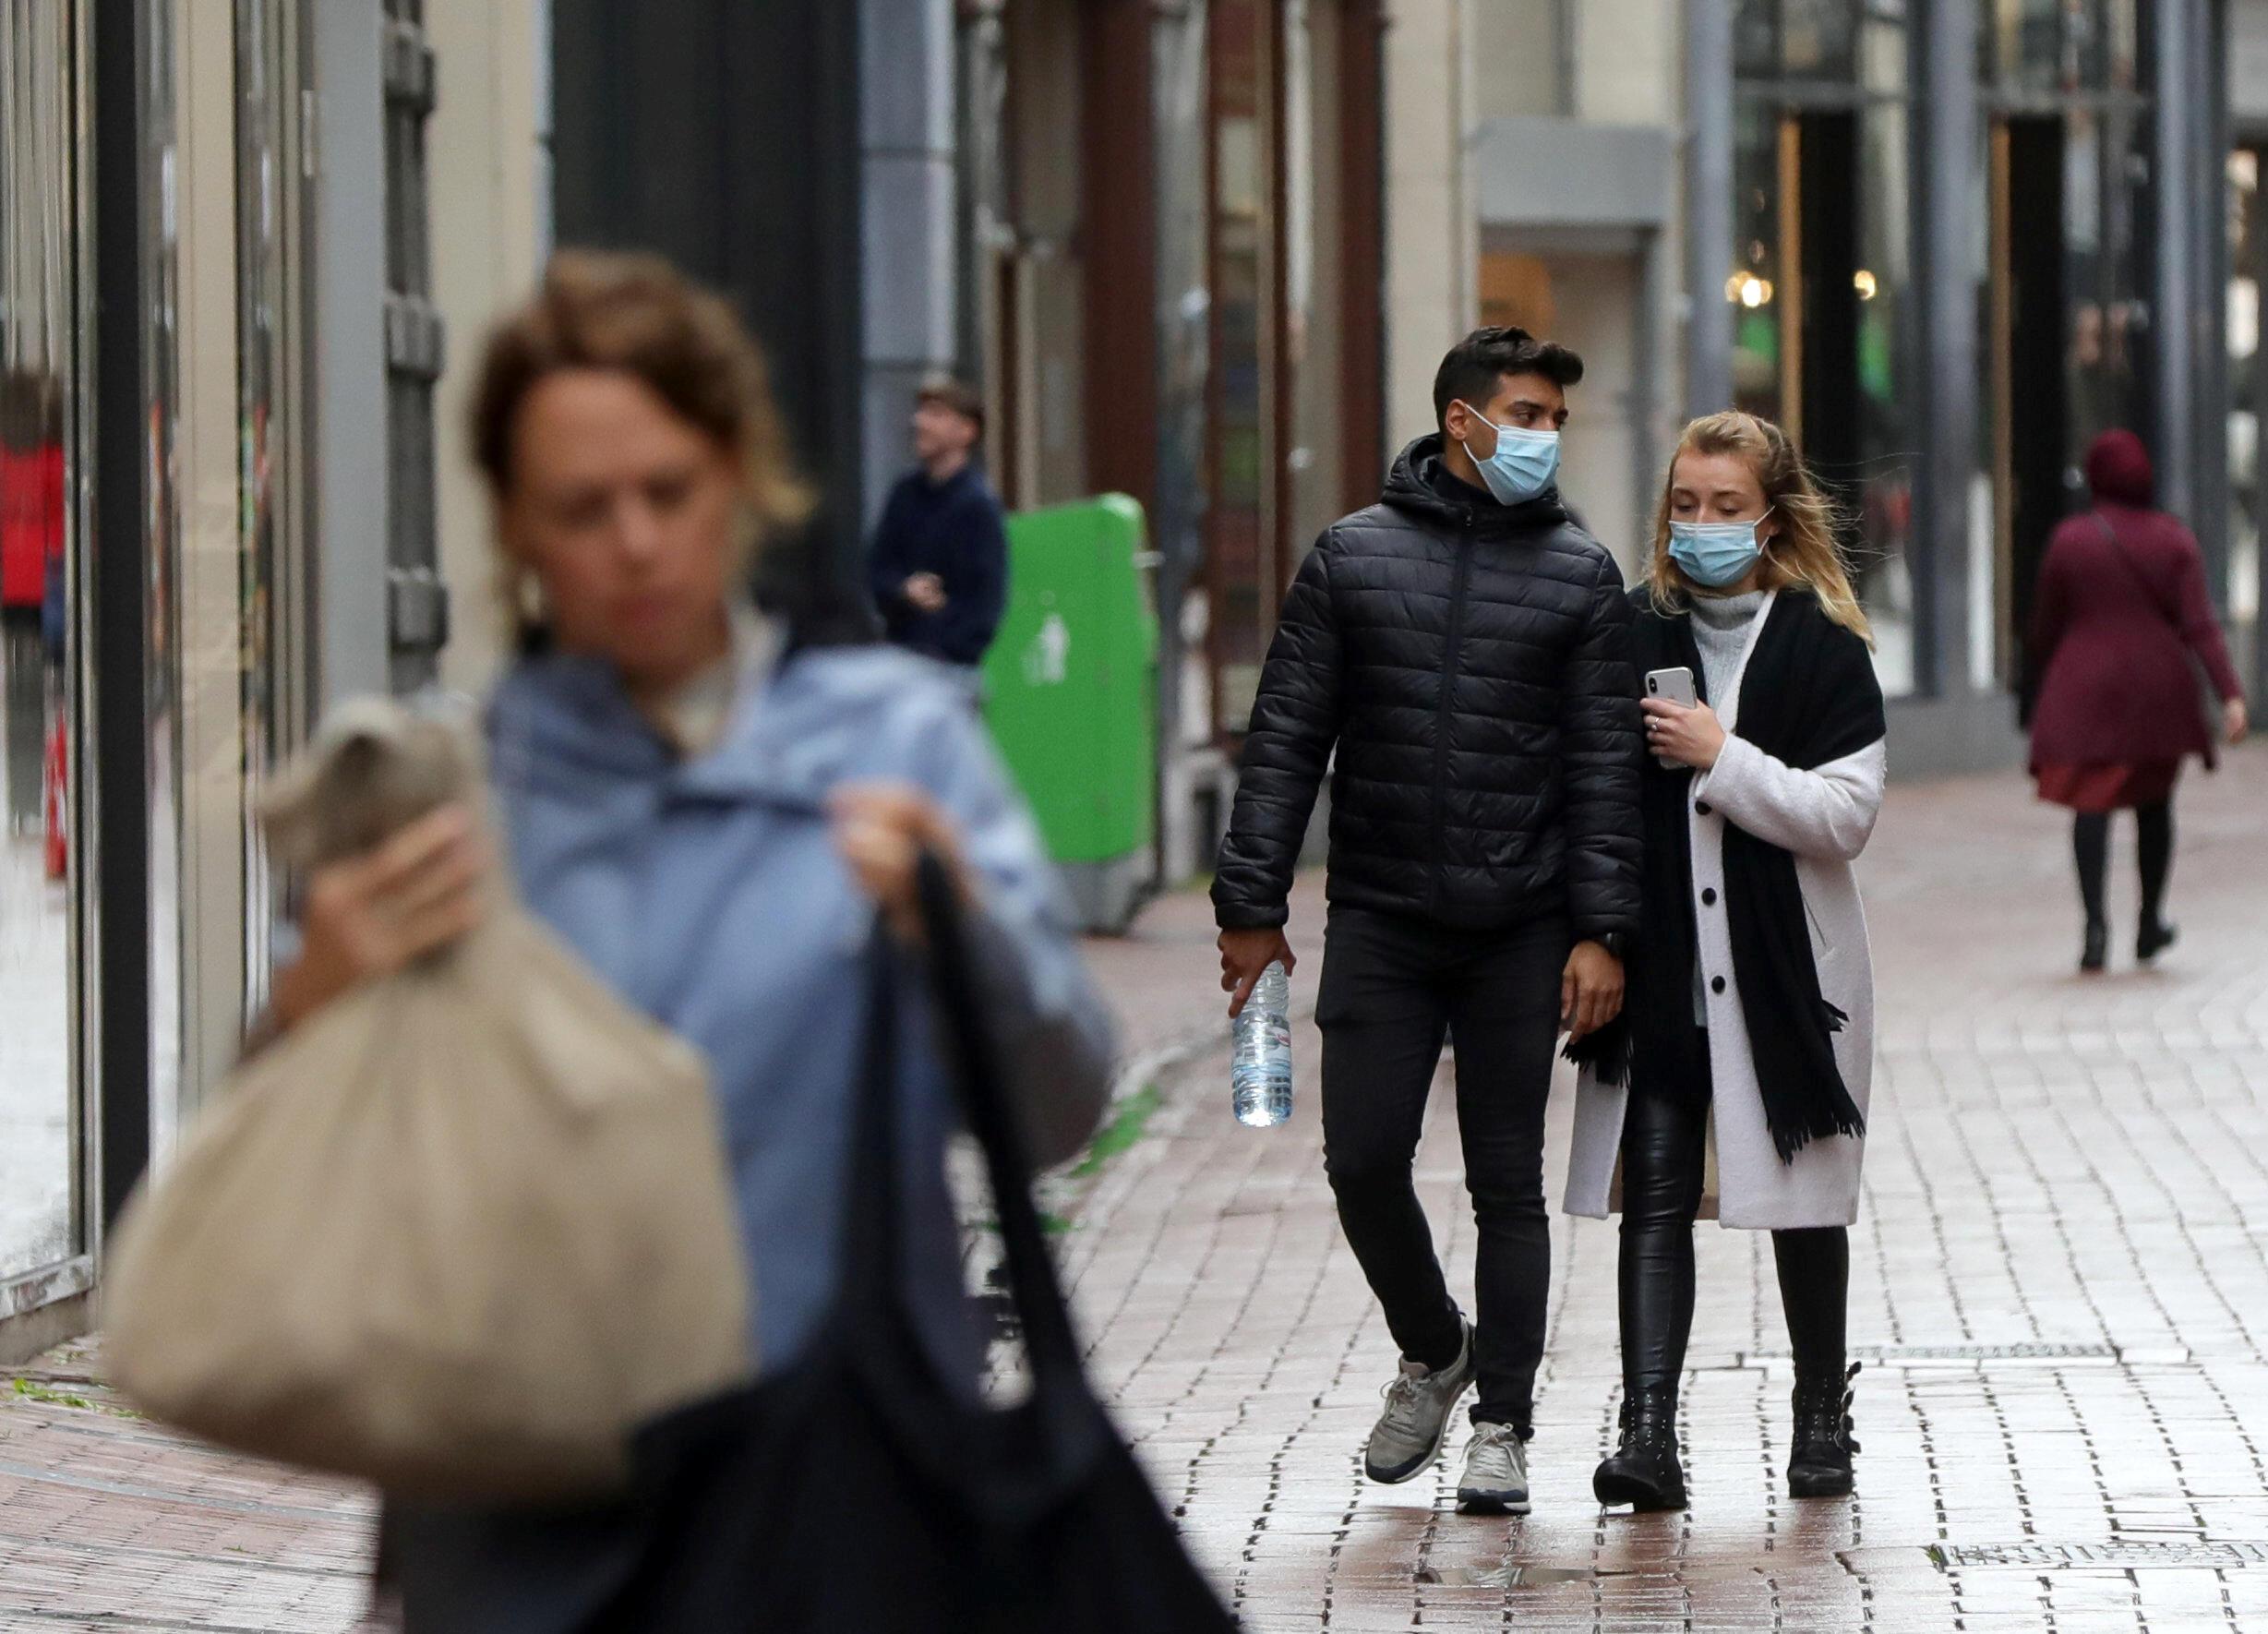 Les Hollandais vont devoir réapprendre à vivre comme au plus fort de l'épidémie. Amsterdam, le 7 octobre 2020.